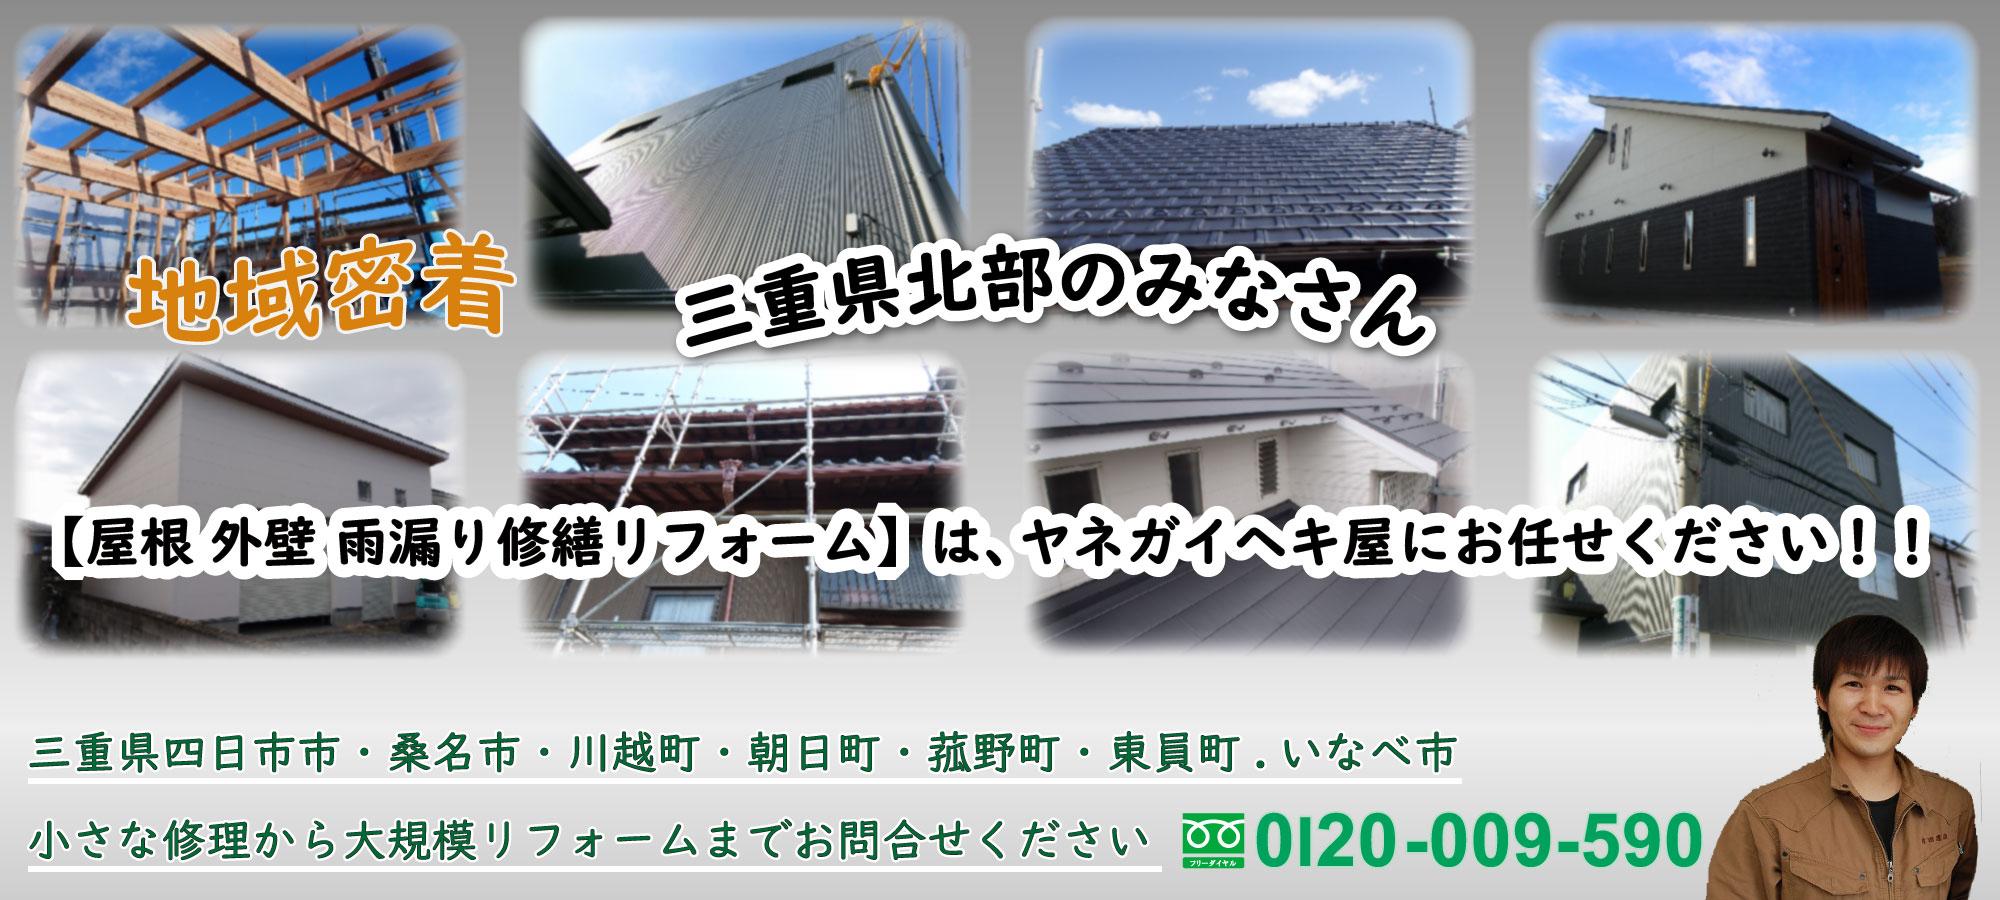 三重・四日市市|屋根・外壁・雨漏り修理は【ヤネガイヘキ屋】